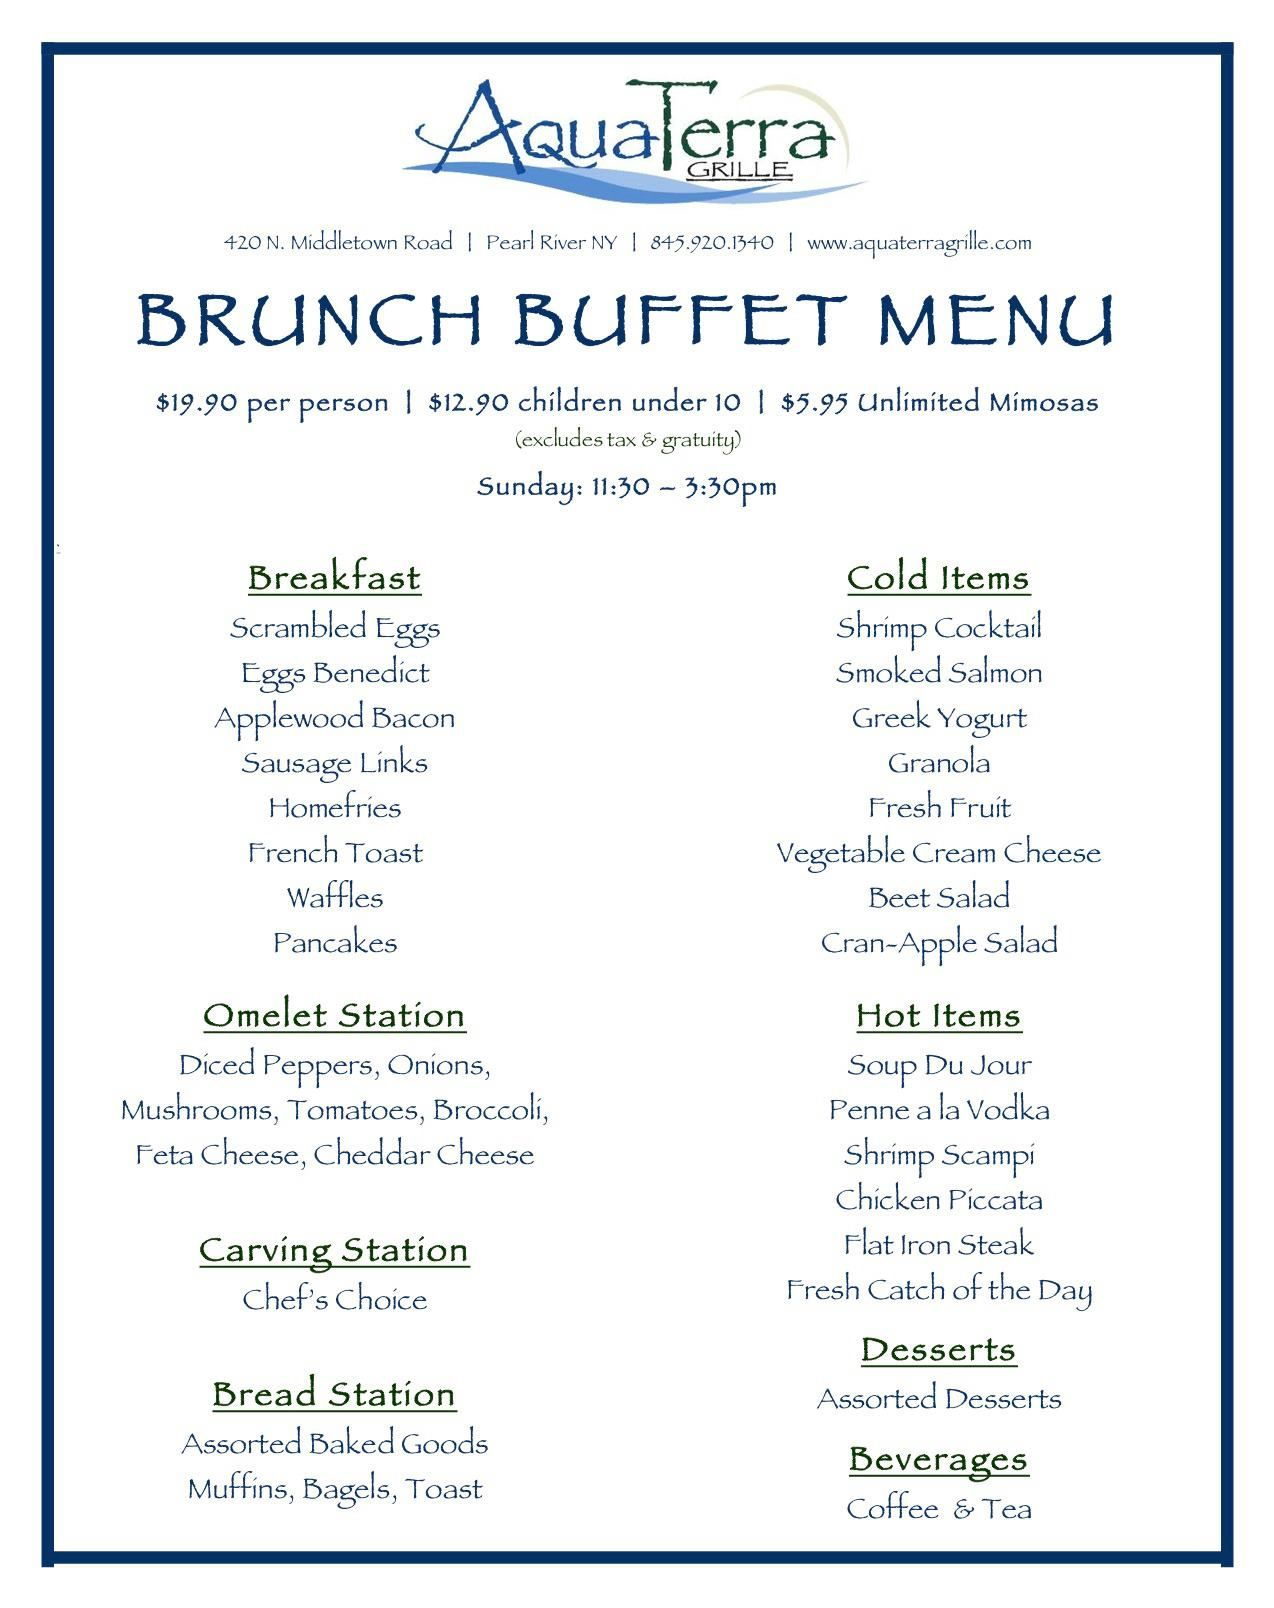 brunch menu buffet google search kelly s baby shower pinterest rh pinterest com brunch buffet menus hotels brunch buffet menu samples